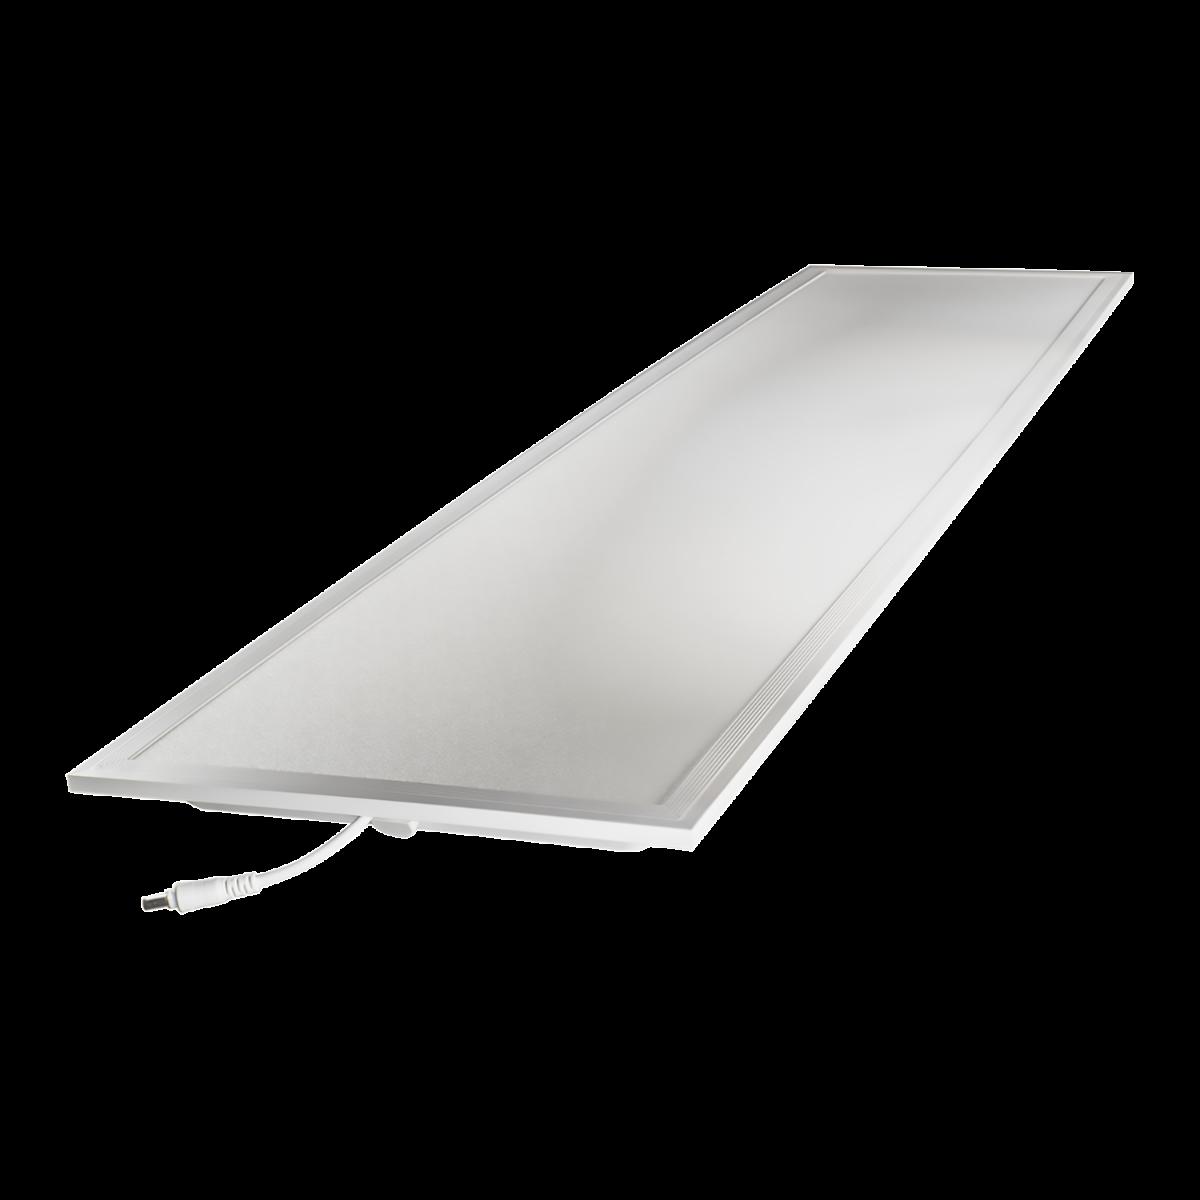 Noxion LED Panel Delta Pro V2.0 30W 30x120cm 6500K 4110lm UGR <19 | Dagsljus - Ersättare 2x36W